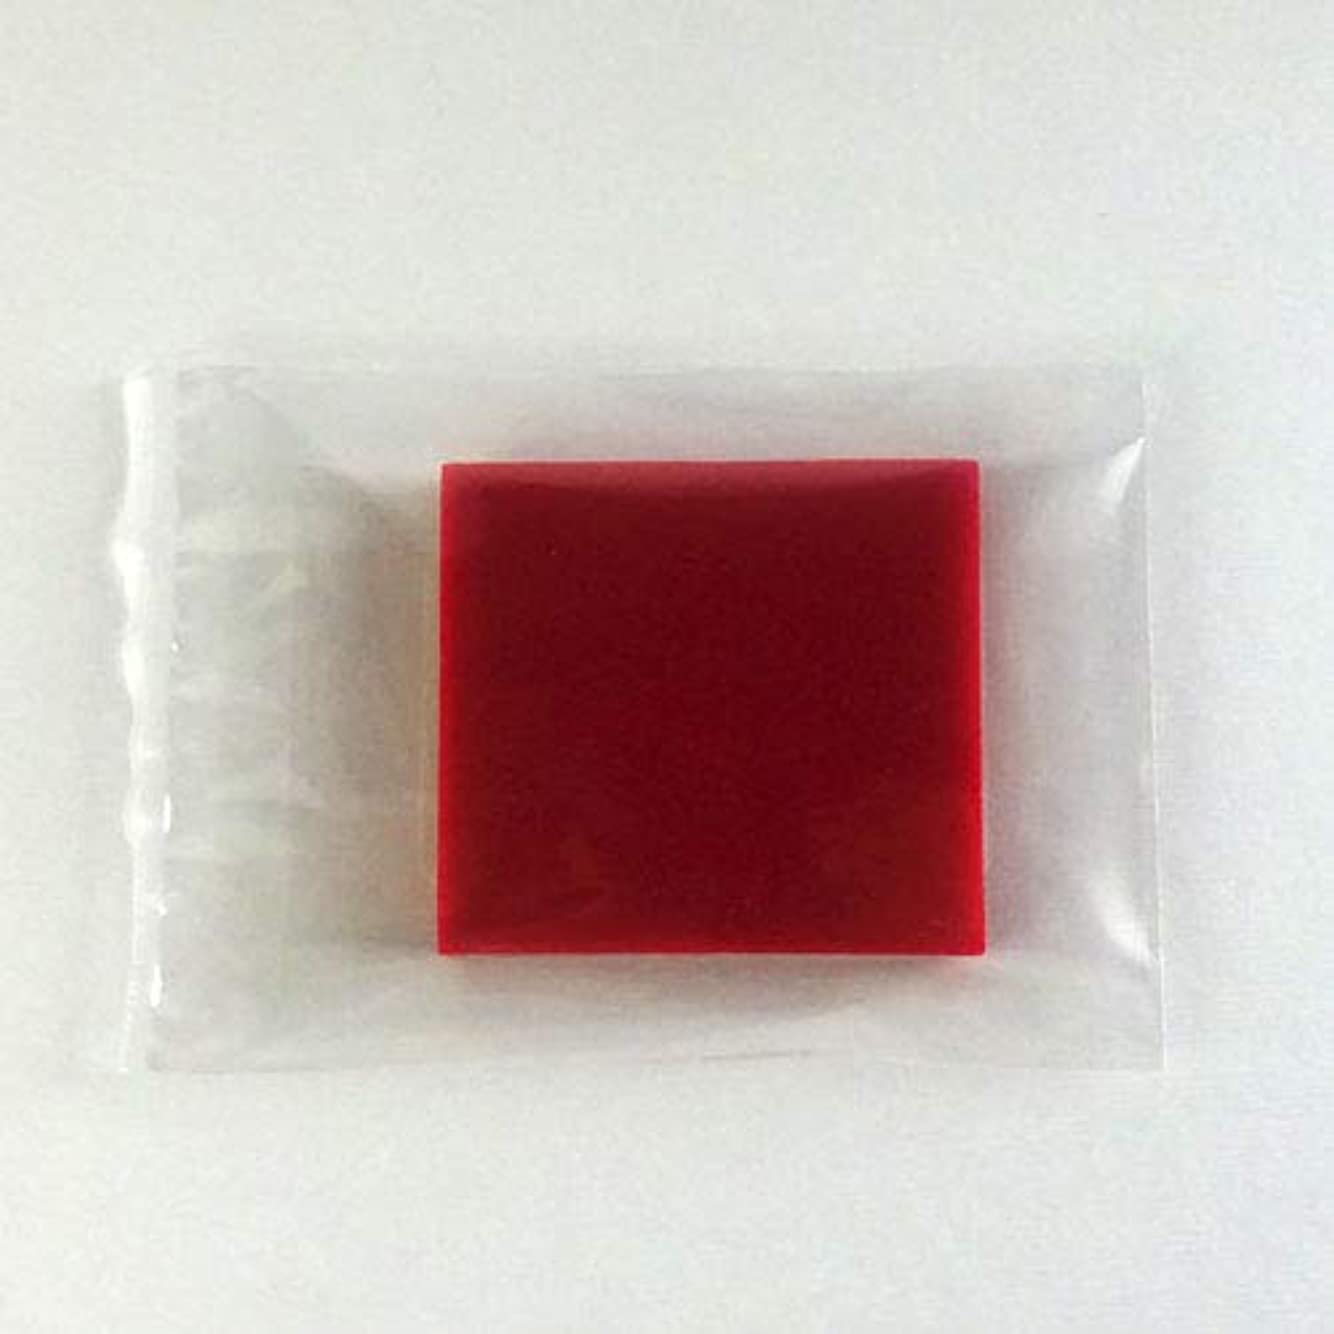 トマト緩やかな開示するグリセリンソープ MPソープ 色チップ 赤(レッド) 30g